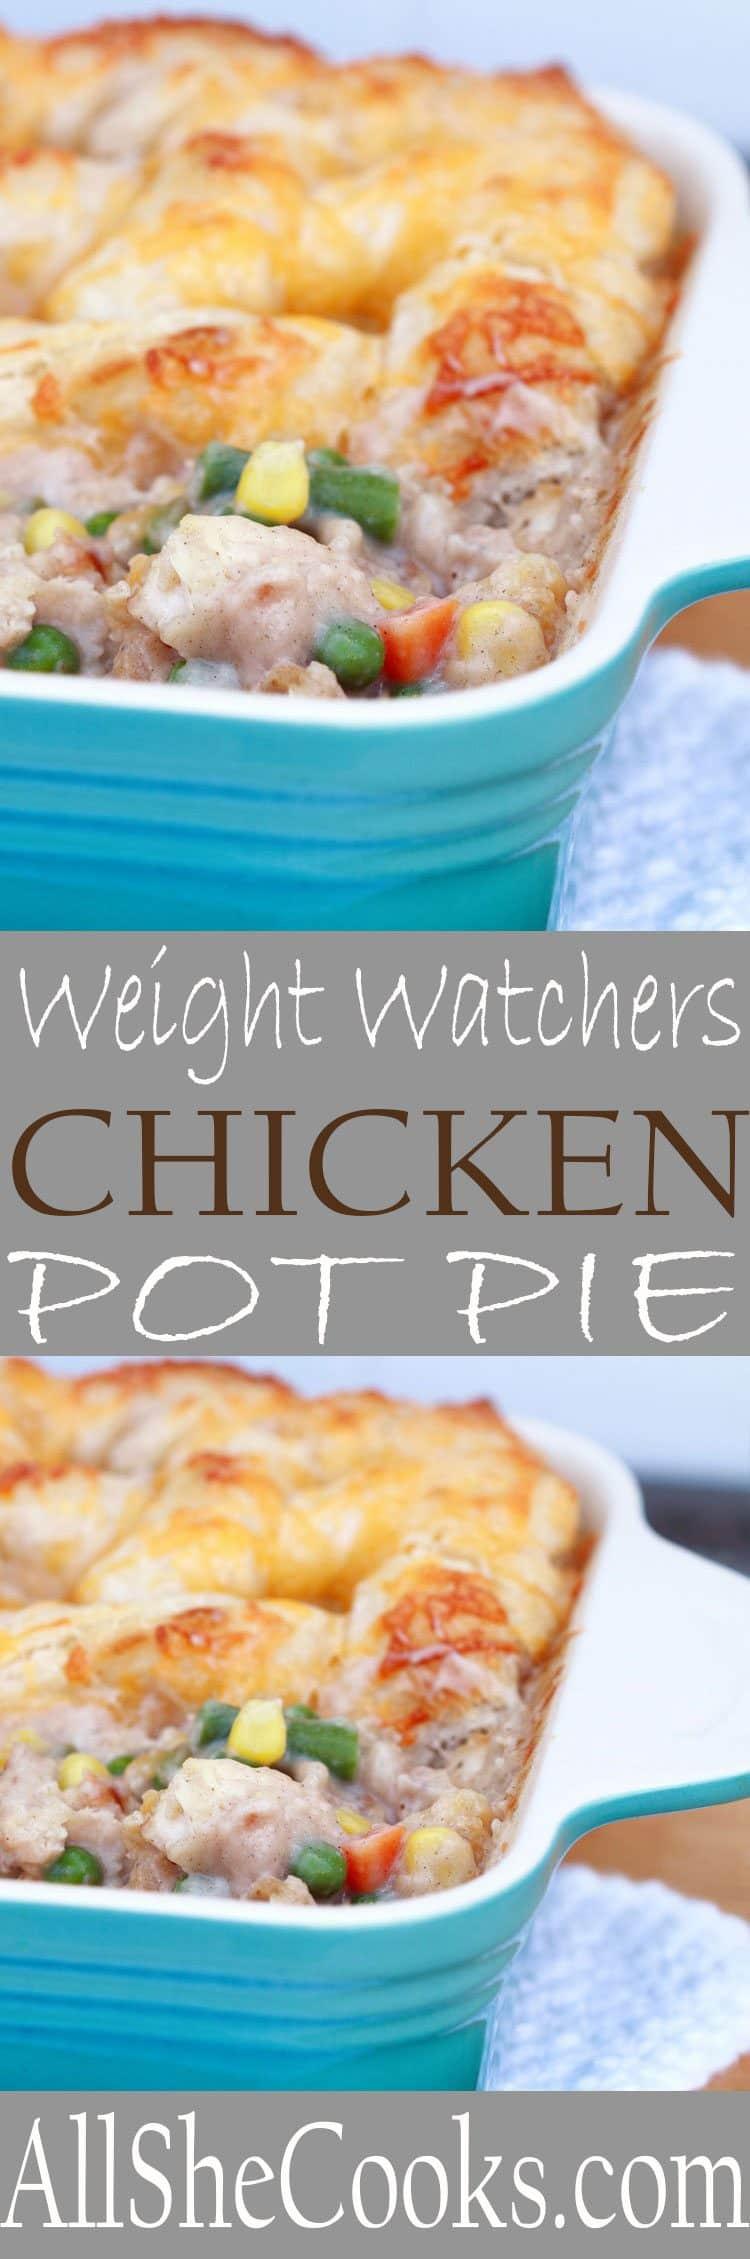 Low Calorie Chicken Pot Pie Recipe  Chicken Pot Pie Weight Watchers